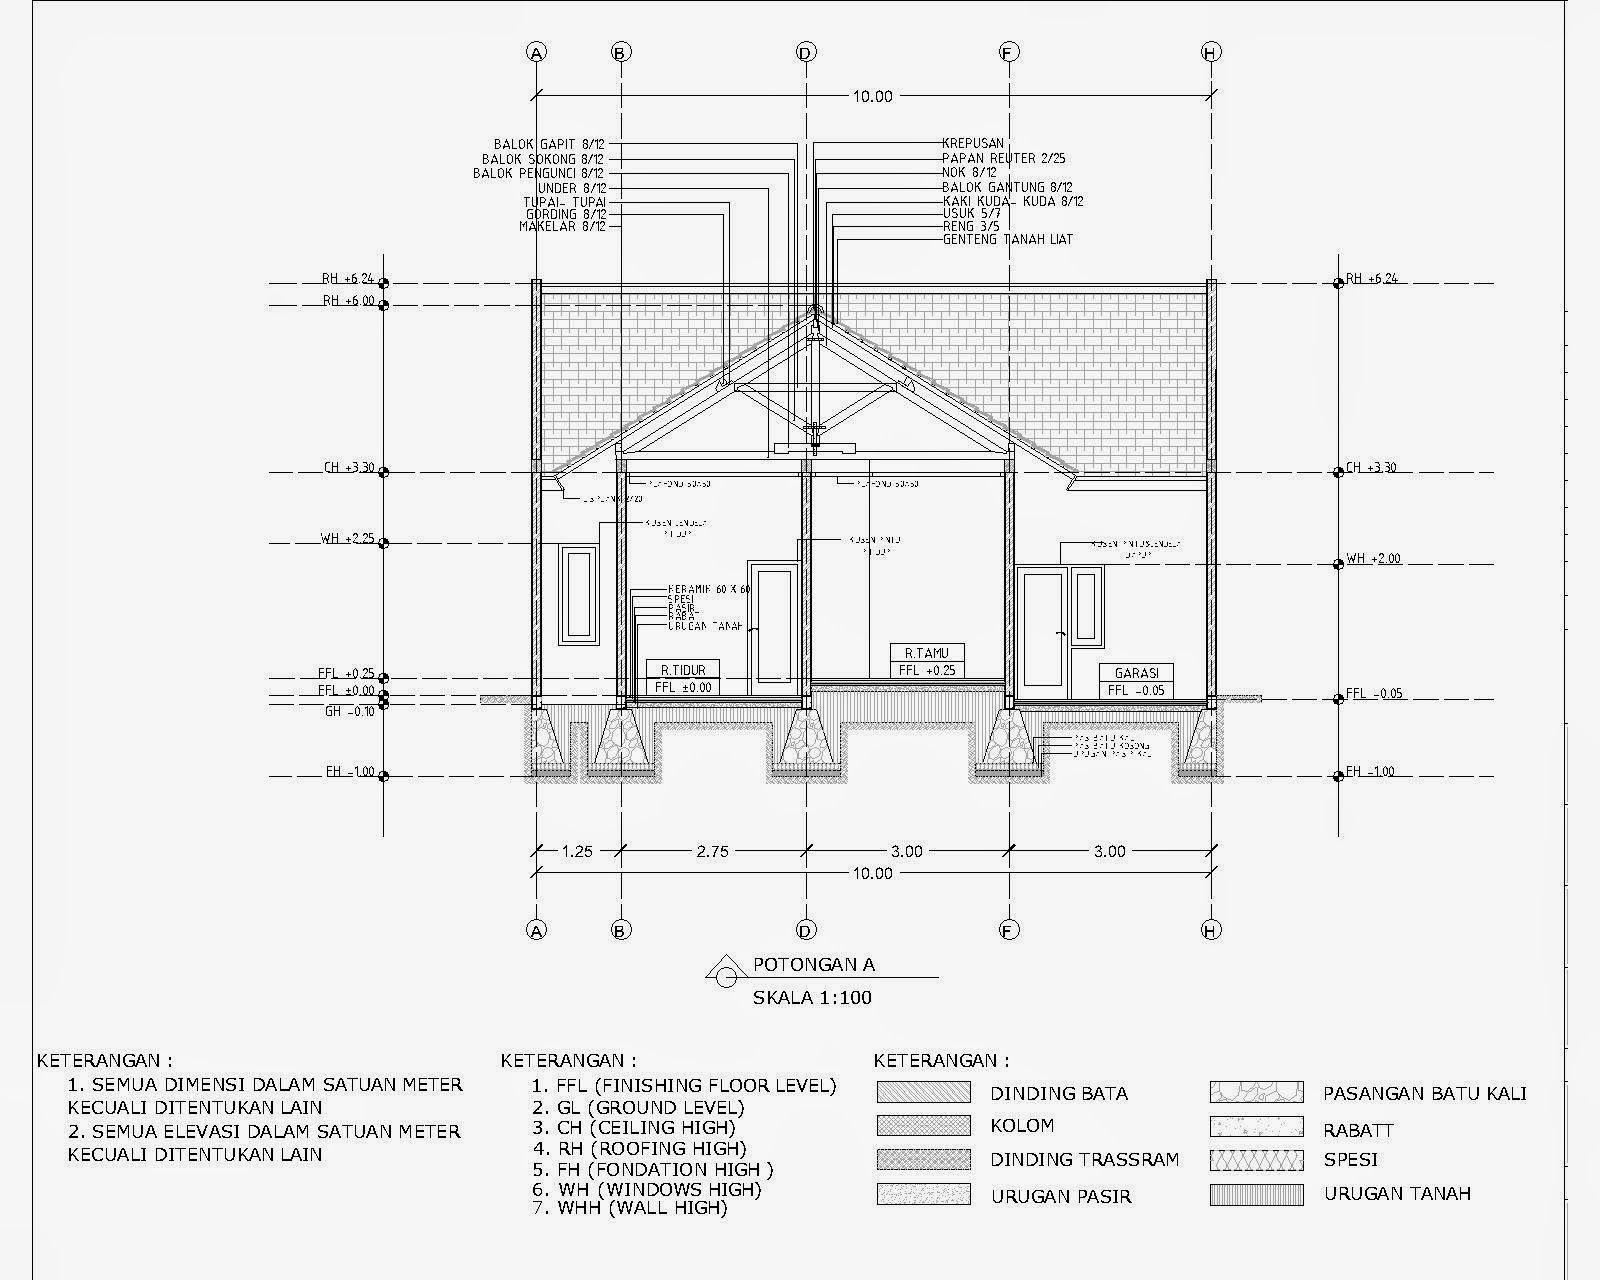 8700 Contoh Gambar Rumah 2 Lantai Autocad Gratis Terbaik